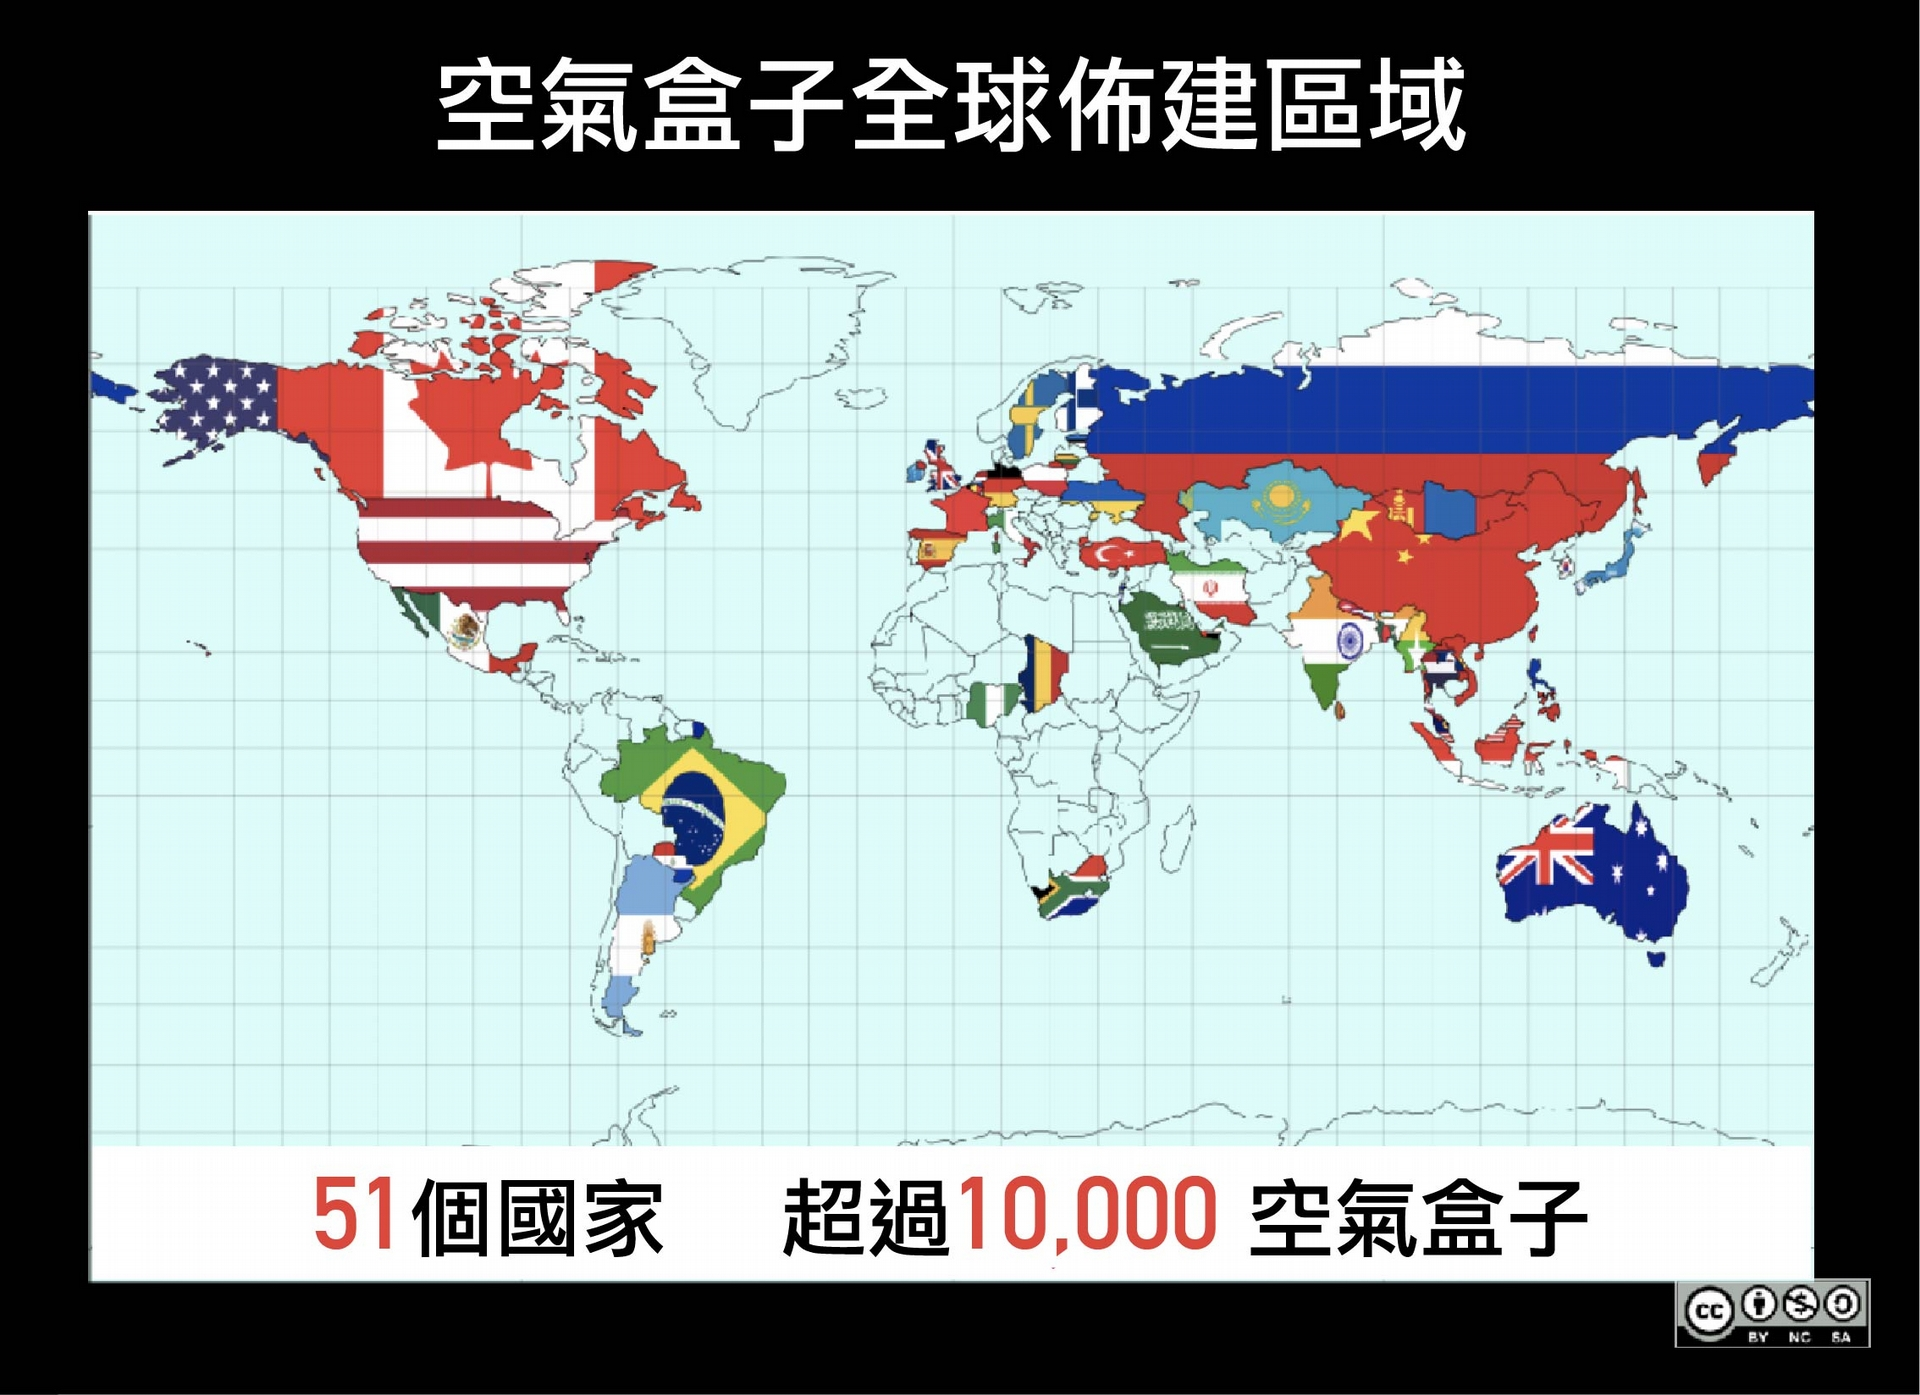 空氣盒子 PM2.5 感測網,延伸至世界各地。 資料來源│陳伶志